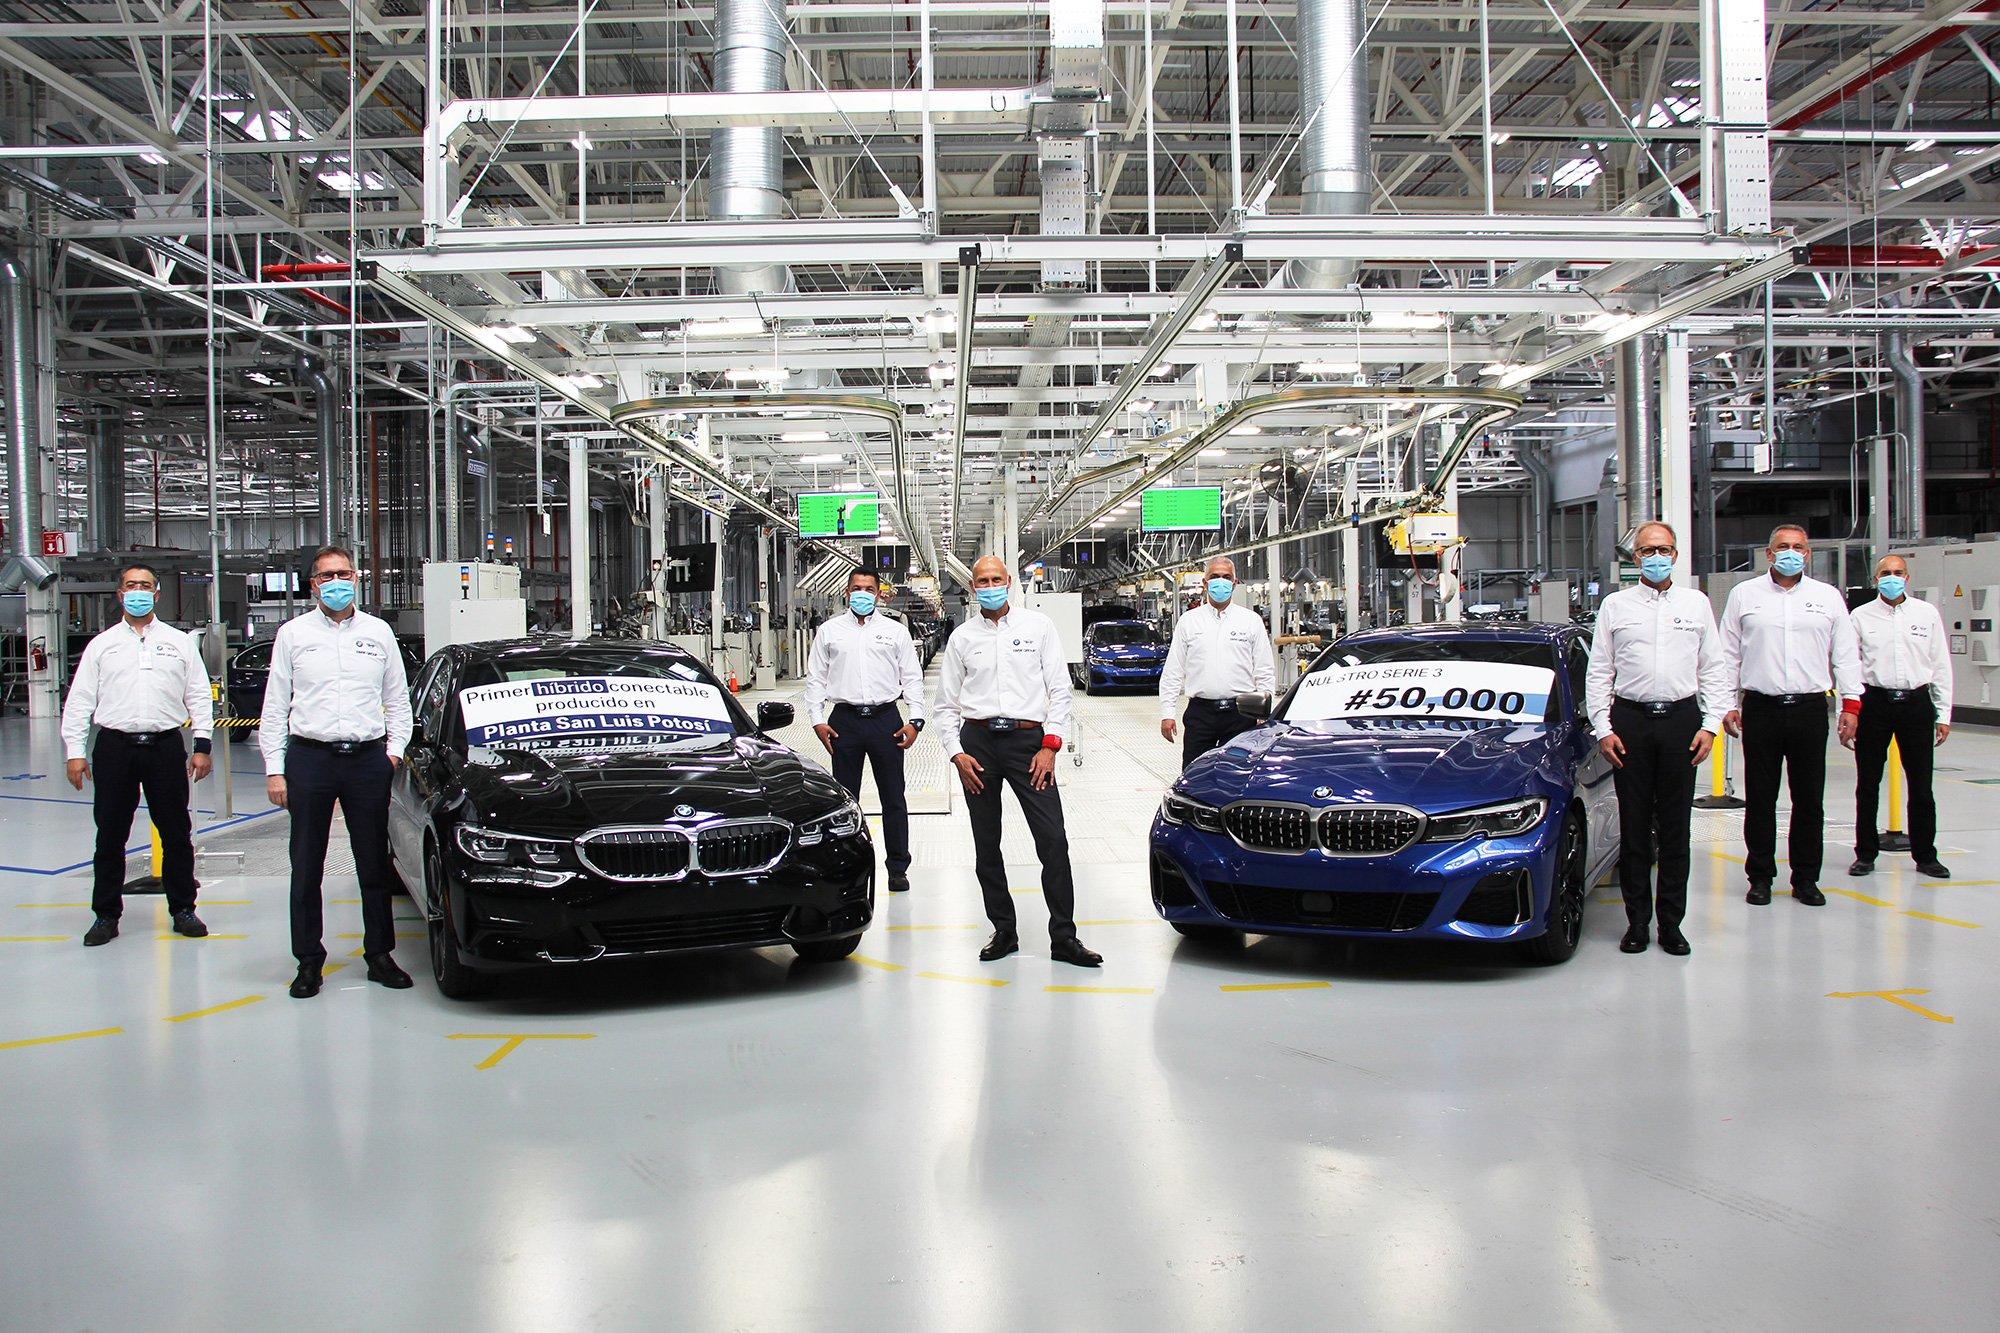 BMW Serie 3 Planta San Luis Potosi 50 mil